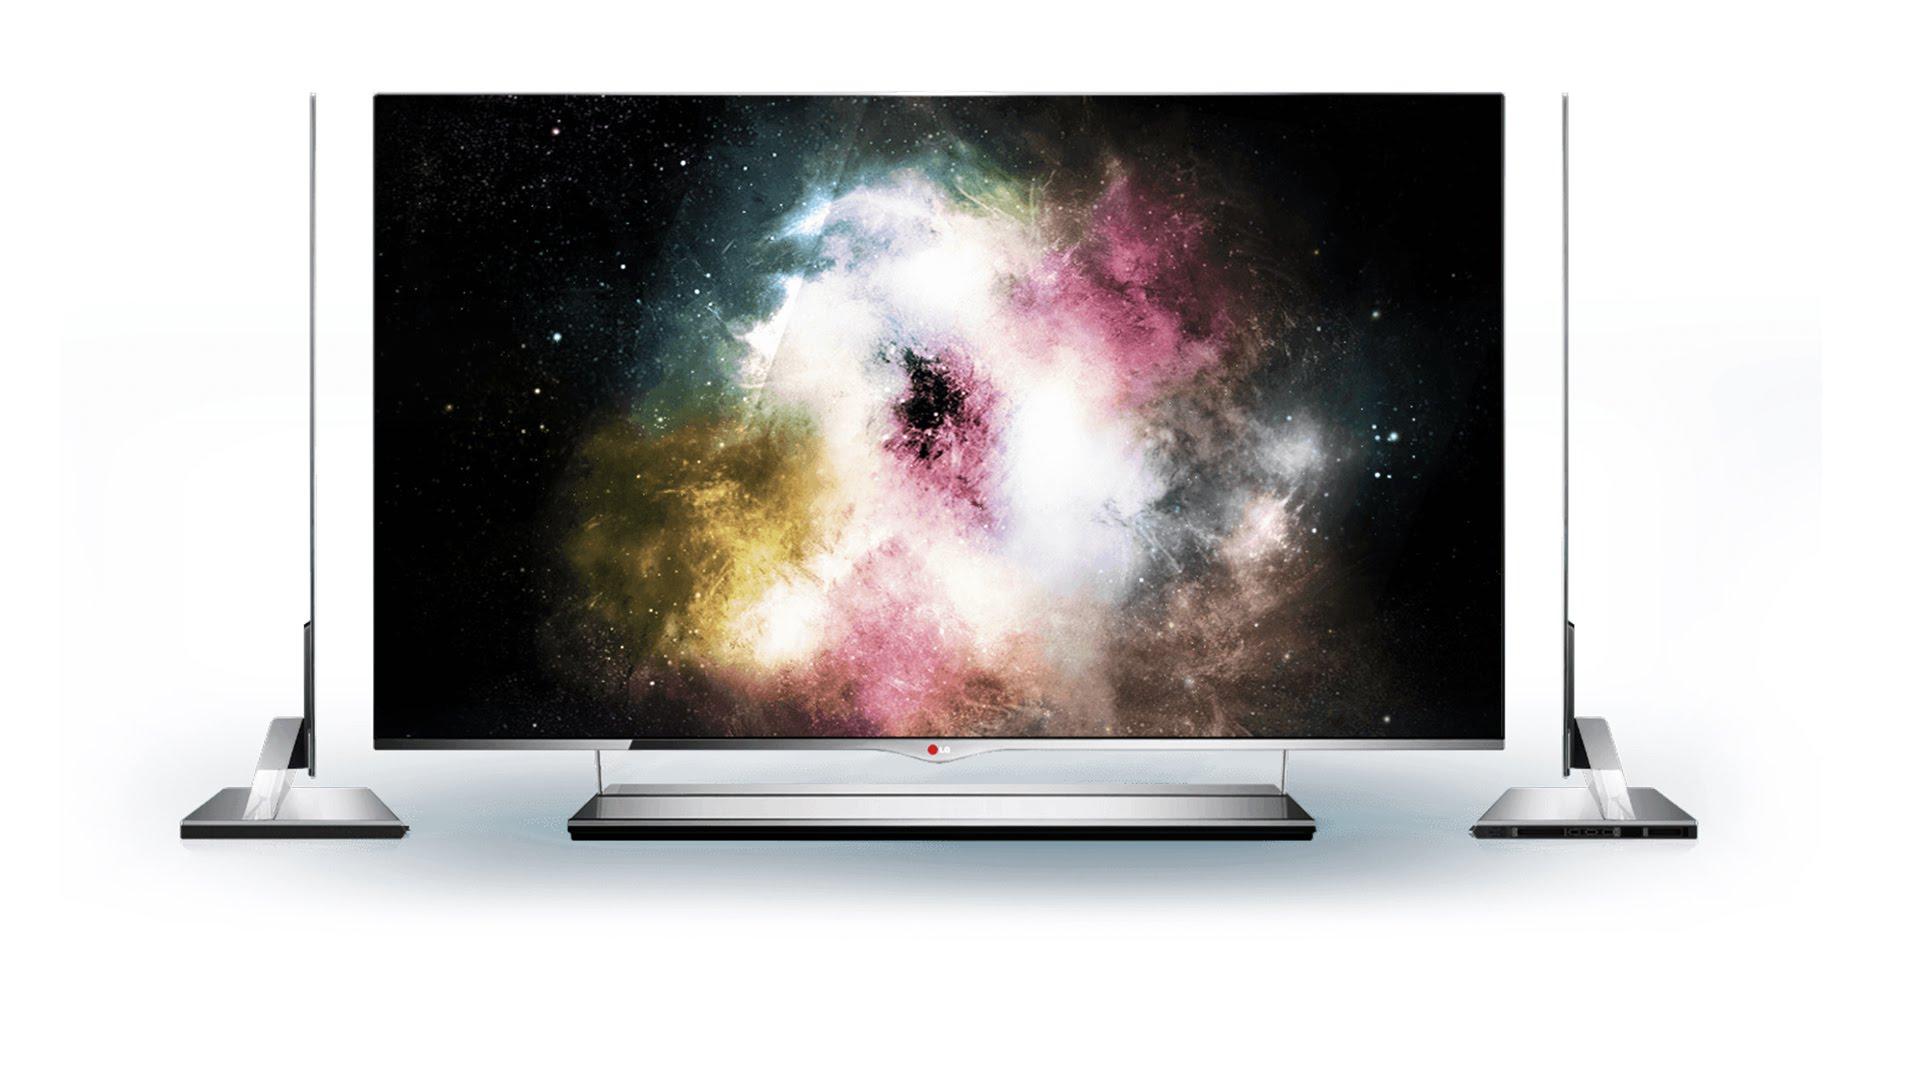 faut il acheter une tv oled ou pr f rer une tv led moins. Black Bedroom Furniture Sets. Home Design Ideas